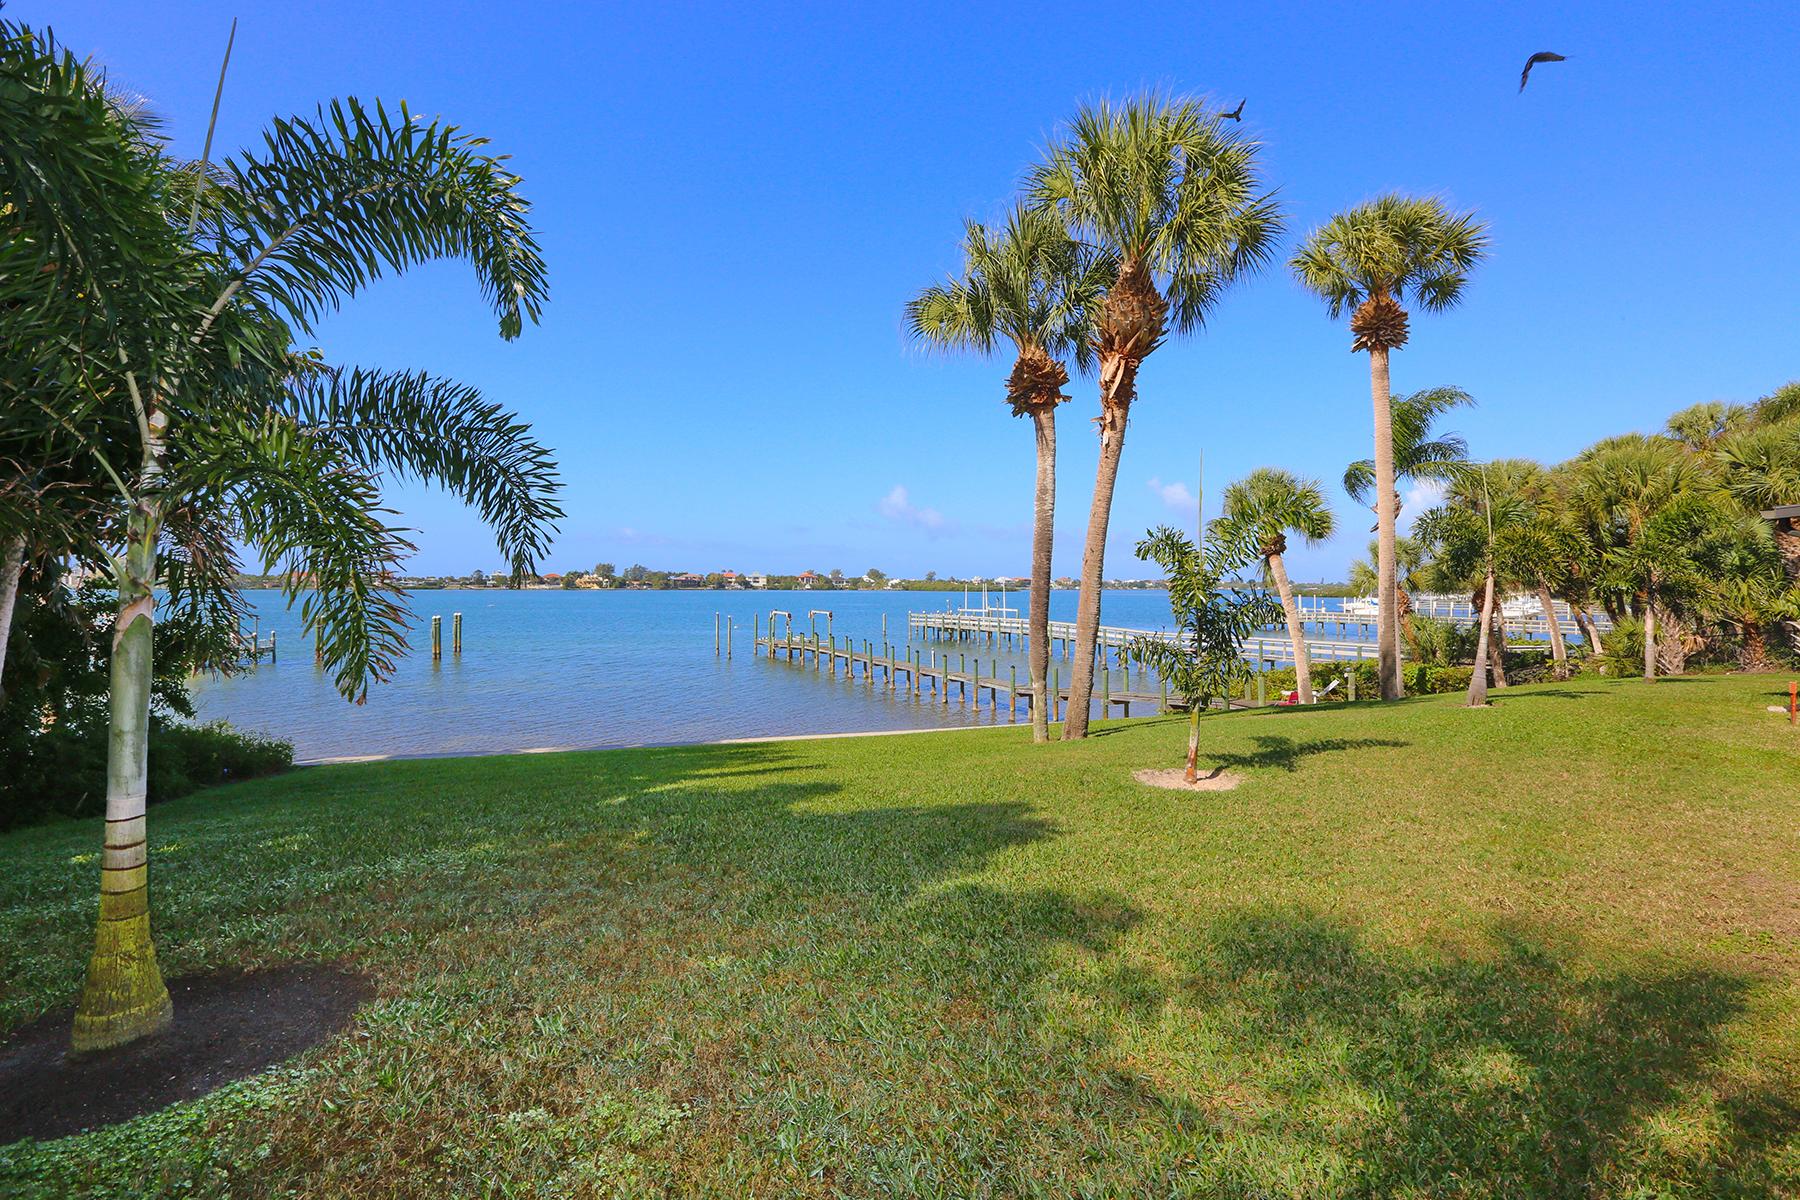 Land for Sale at NOKOMIS 1725 Melody Ln 1 Nokomis, Florida, 34275 United States